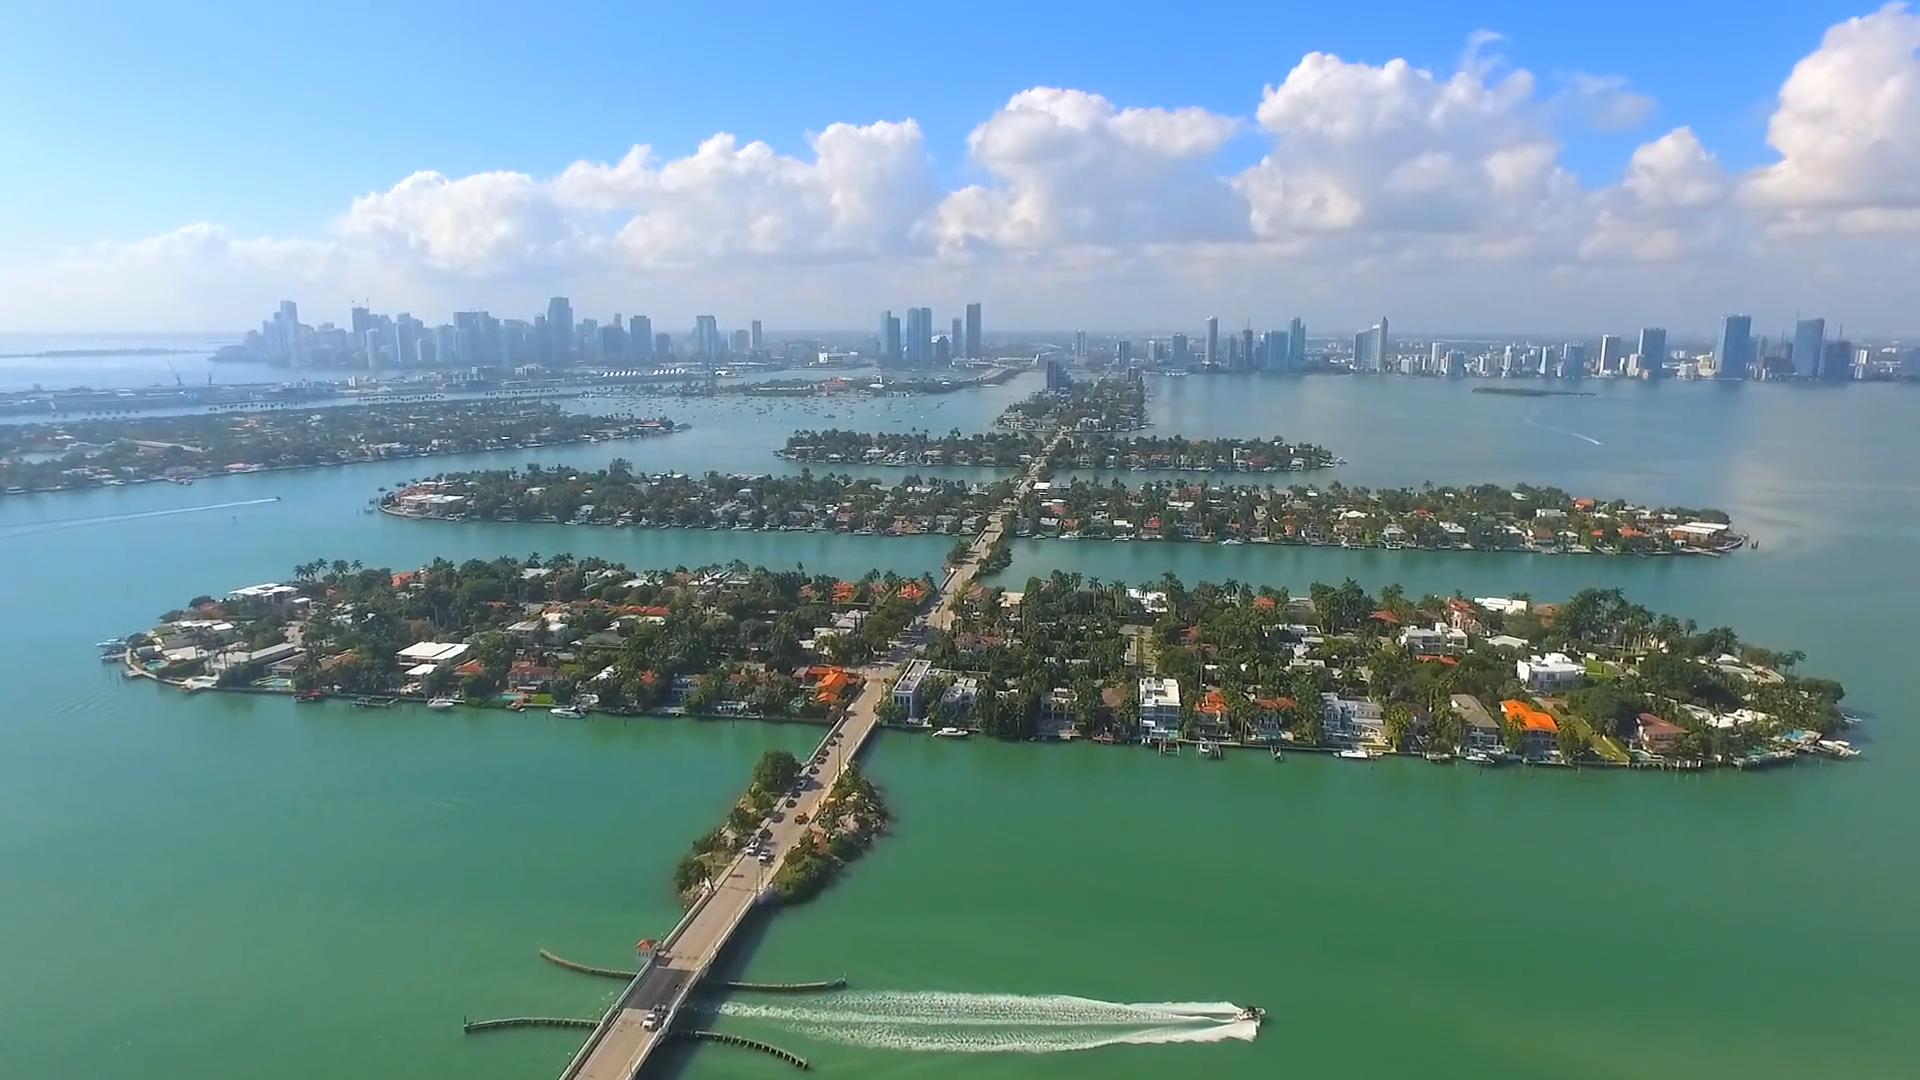 Bienvenido a Florida